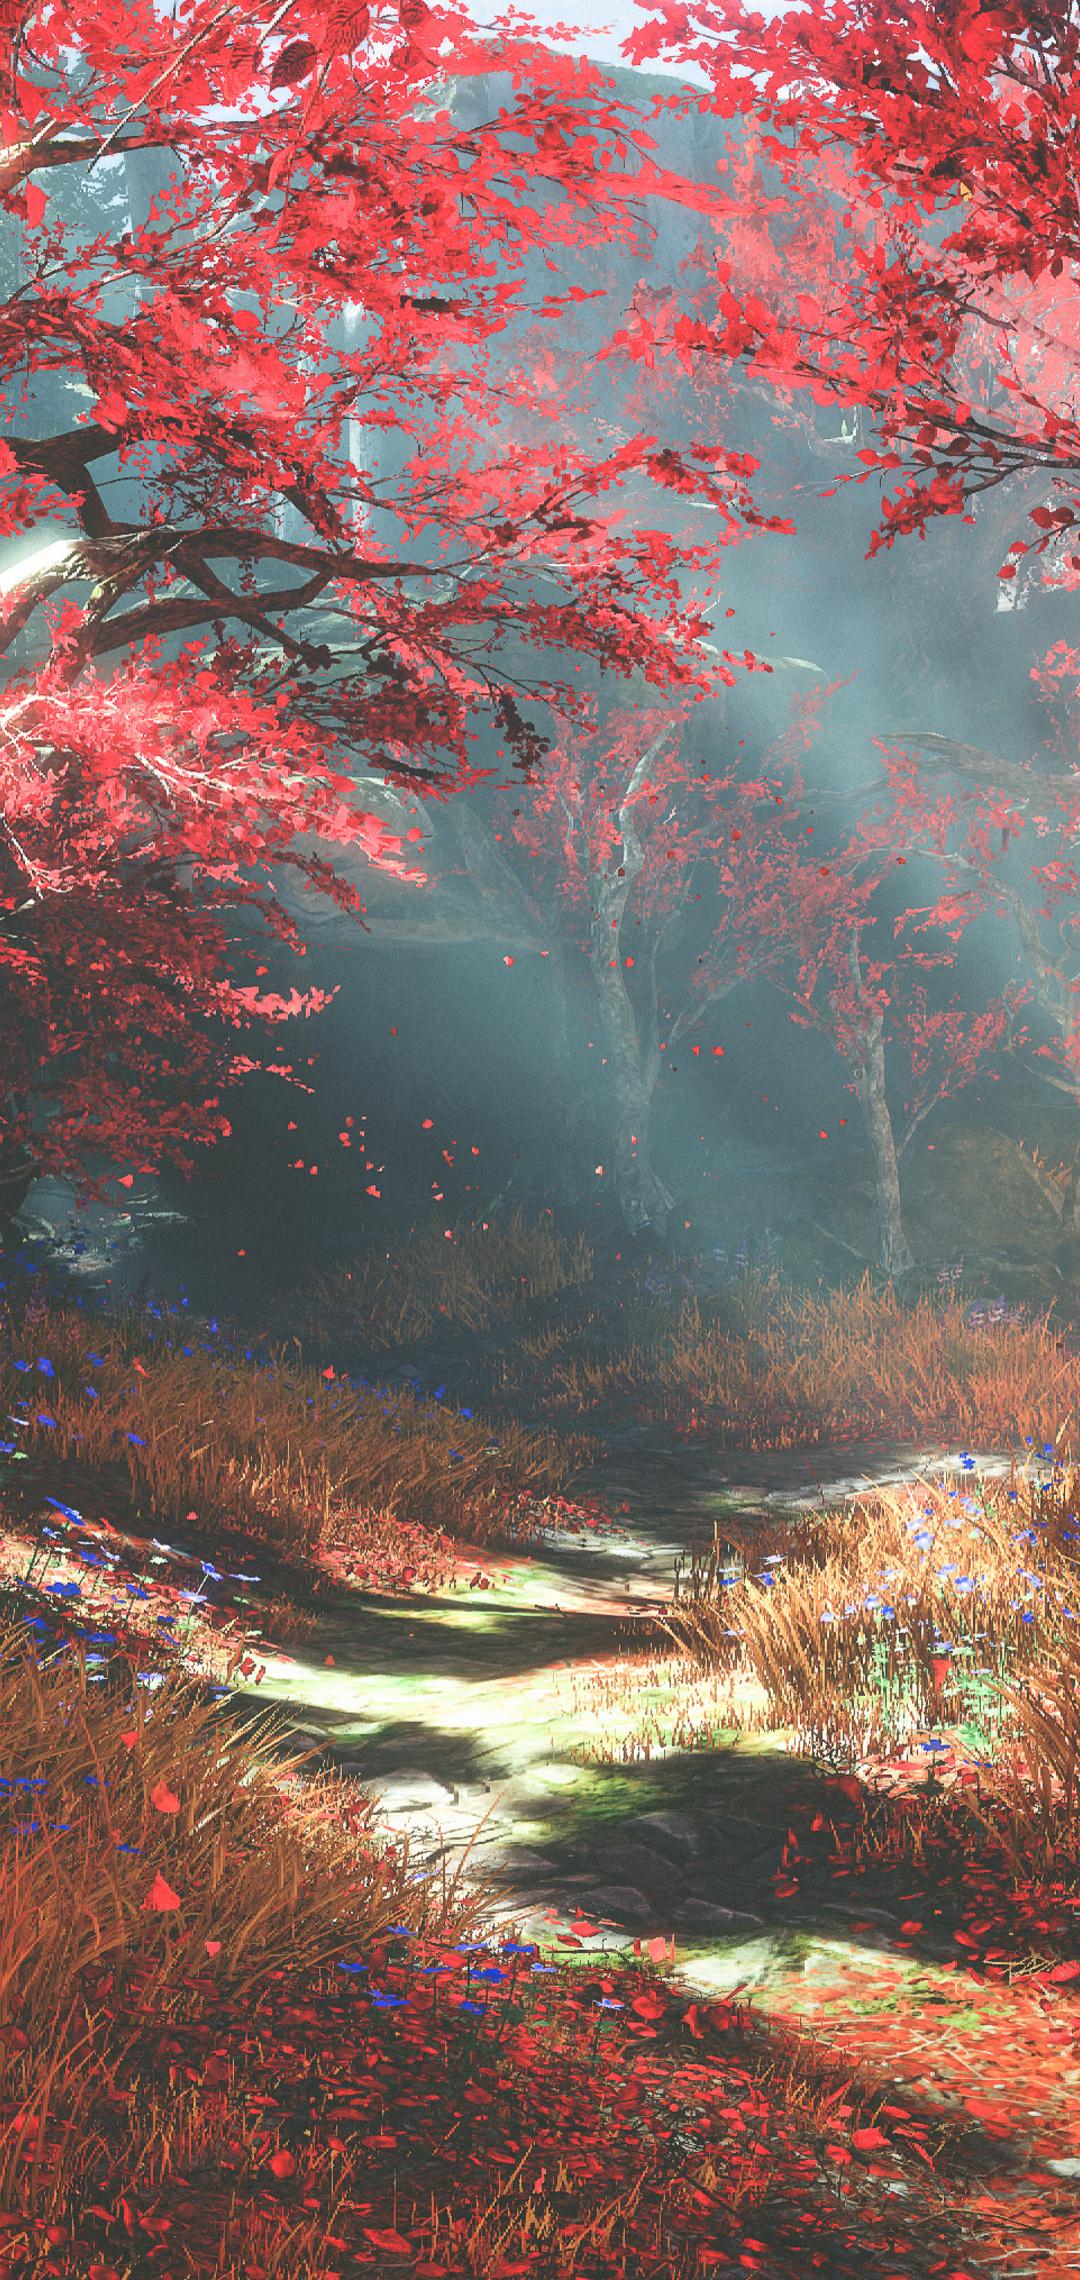 god-of-war-4-autumn-nature-4k-lw.jpg